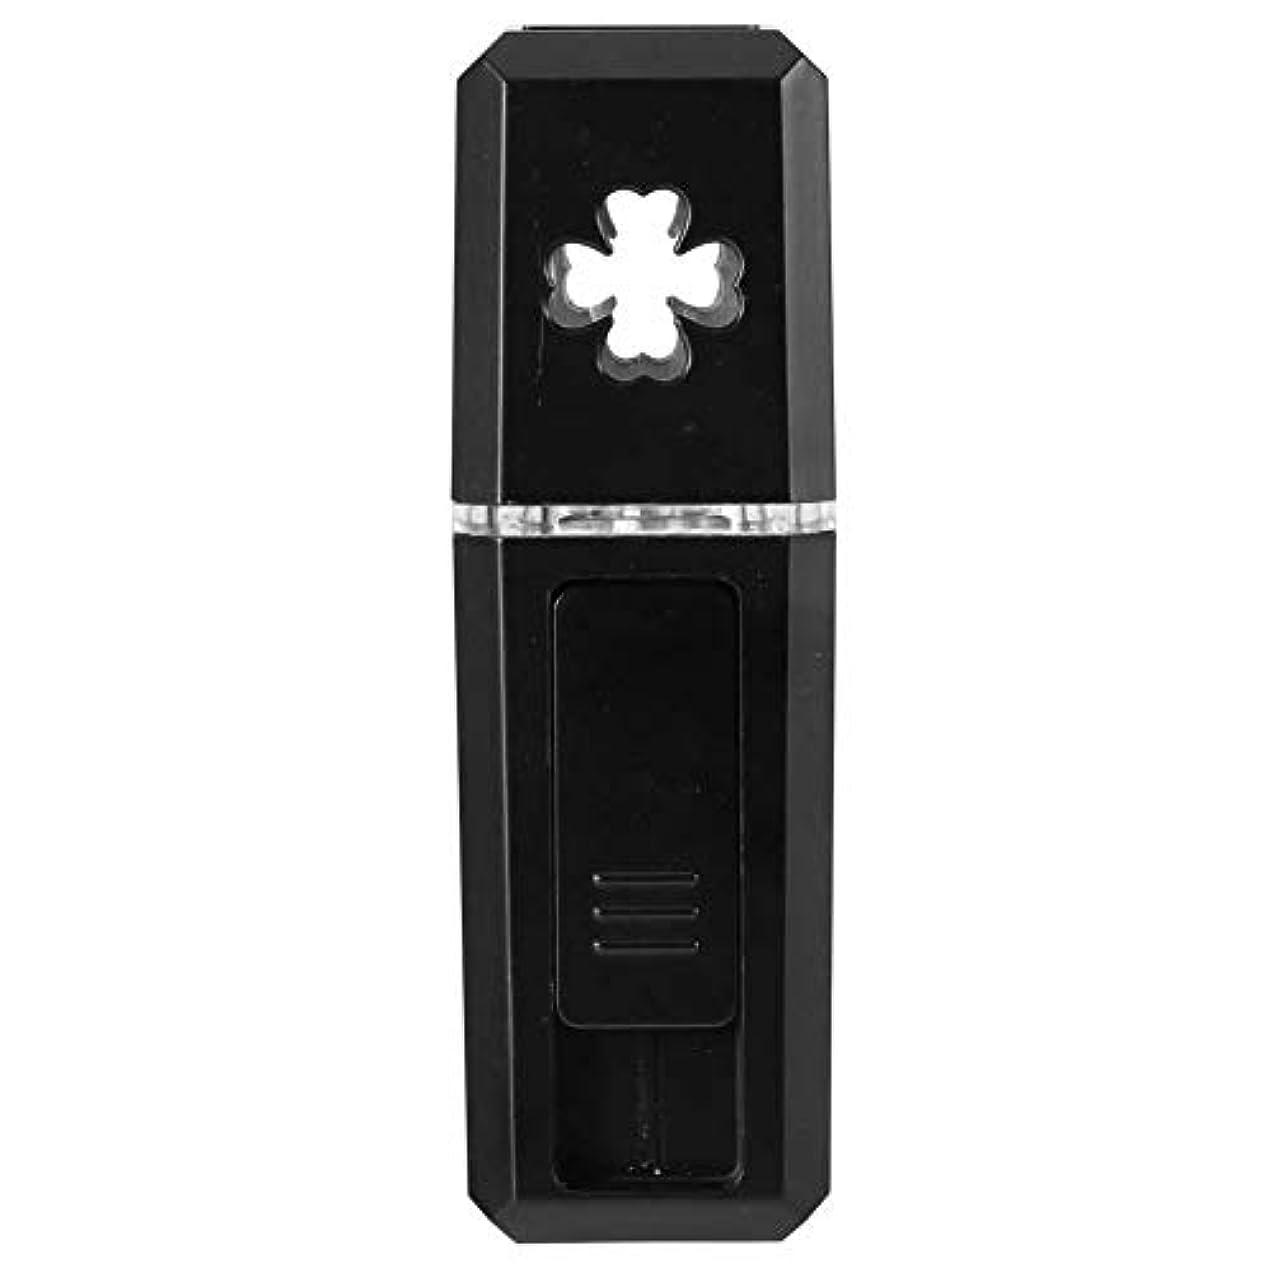 コウモリはずびっくりする20ml口紅サイズミスト噴霧器、USB充電で保湿する便利なナノ噴霧機(02)